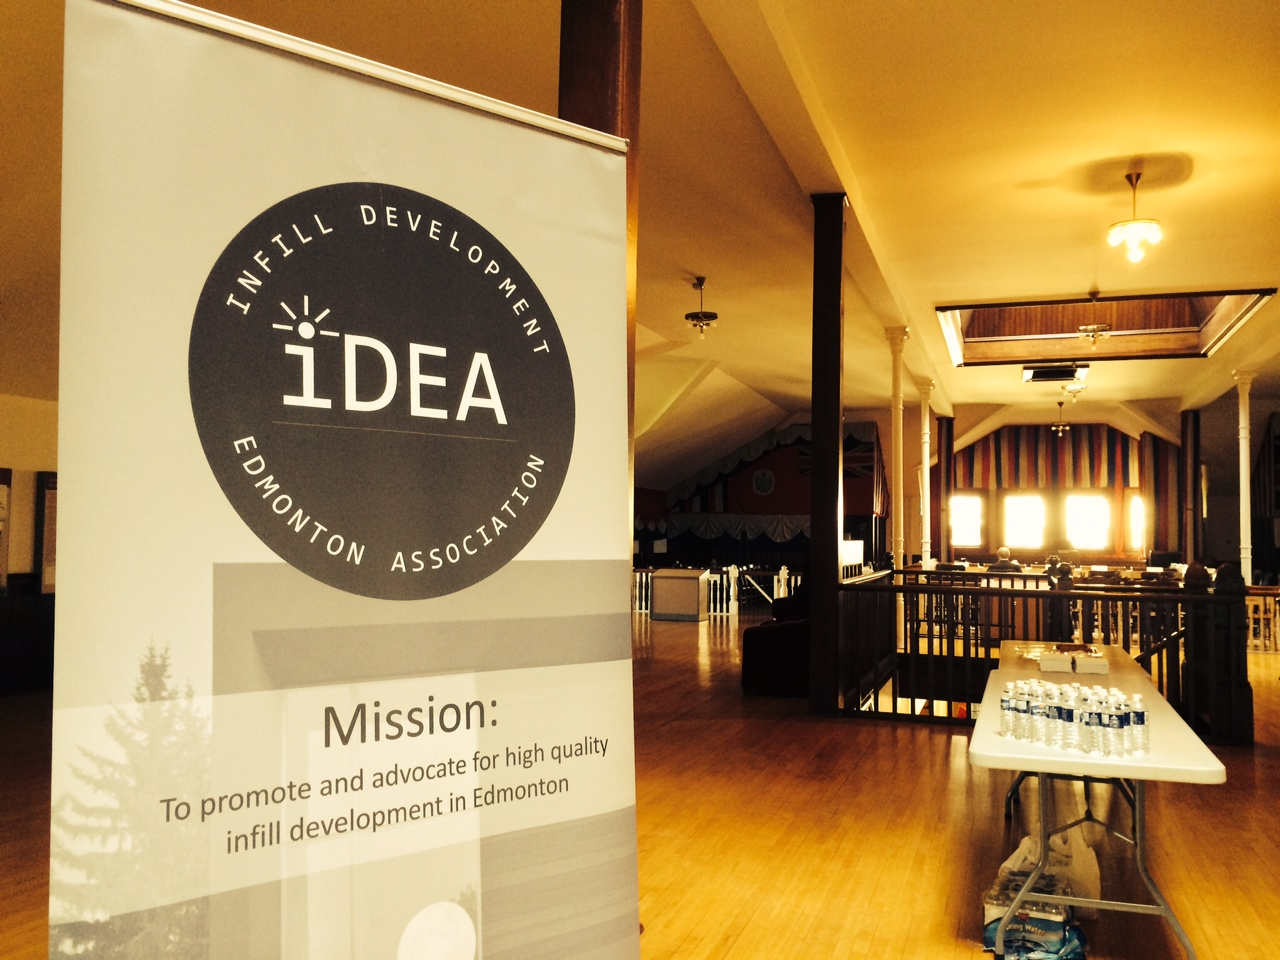 IDEA_panel_1.JPG